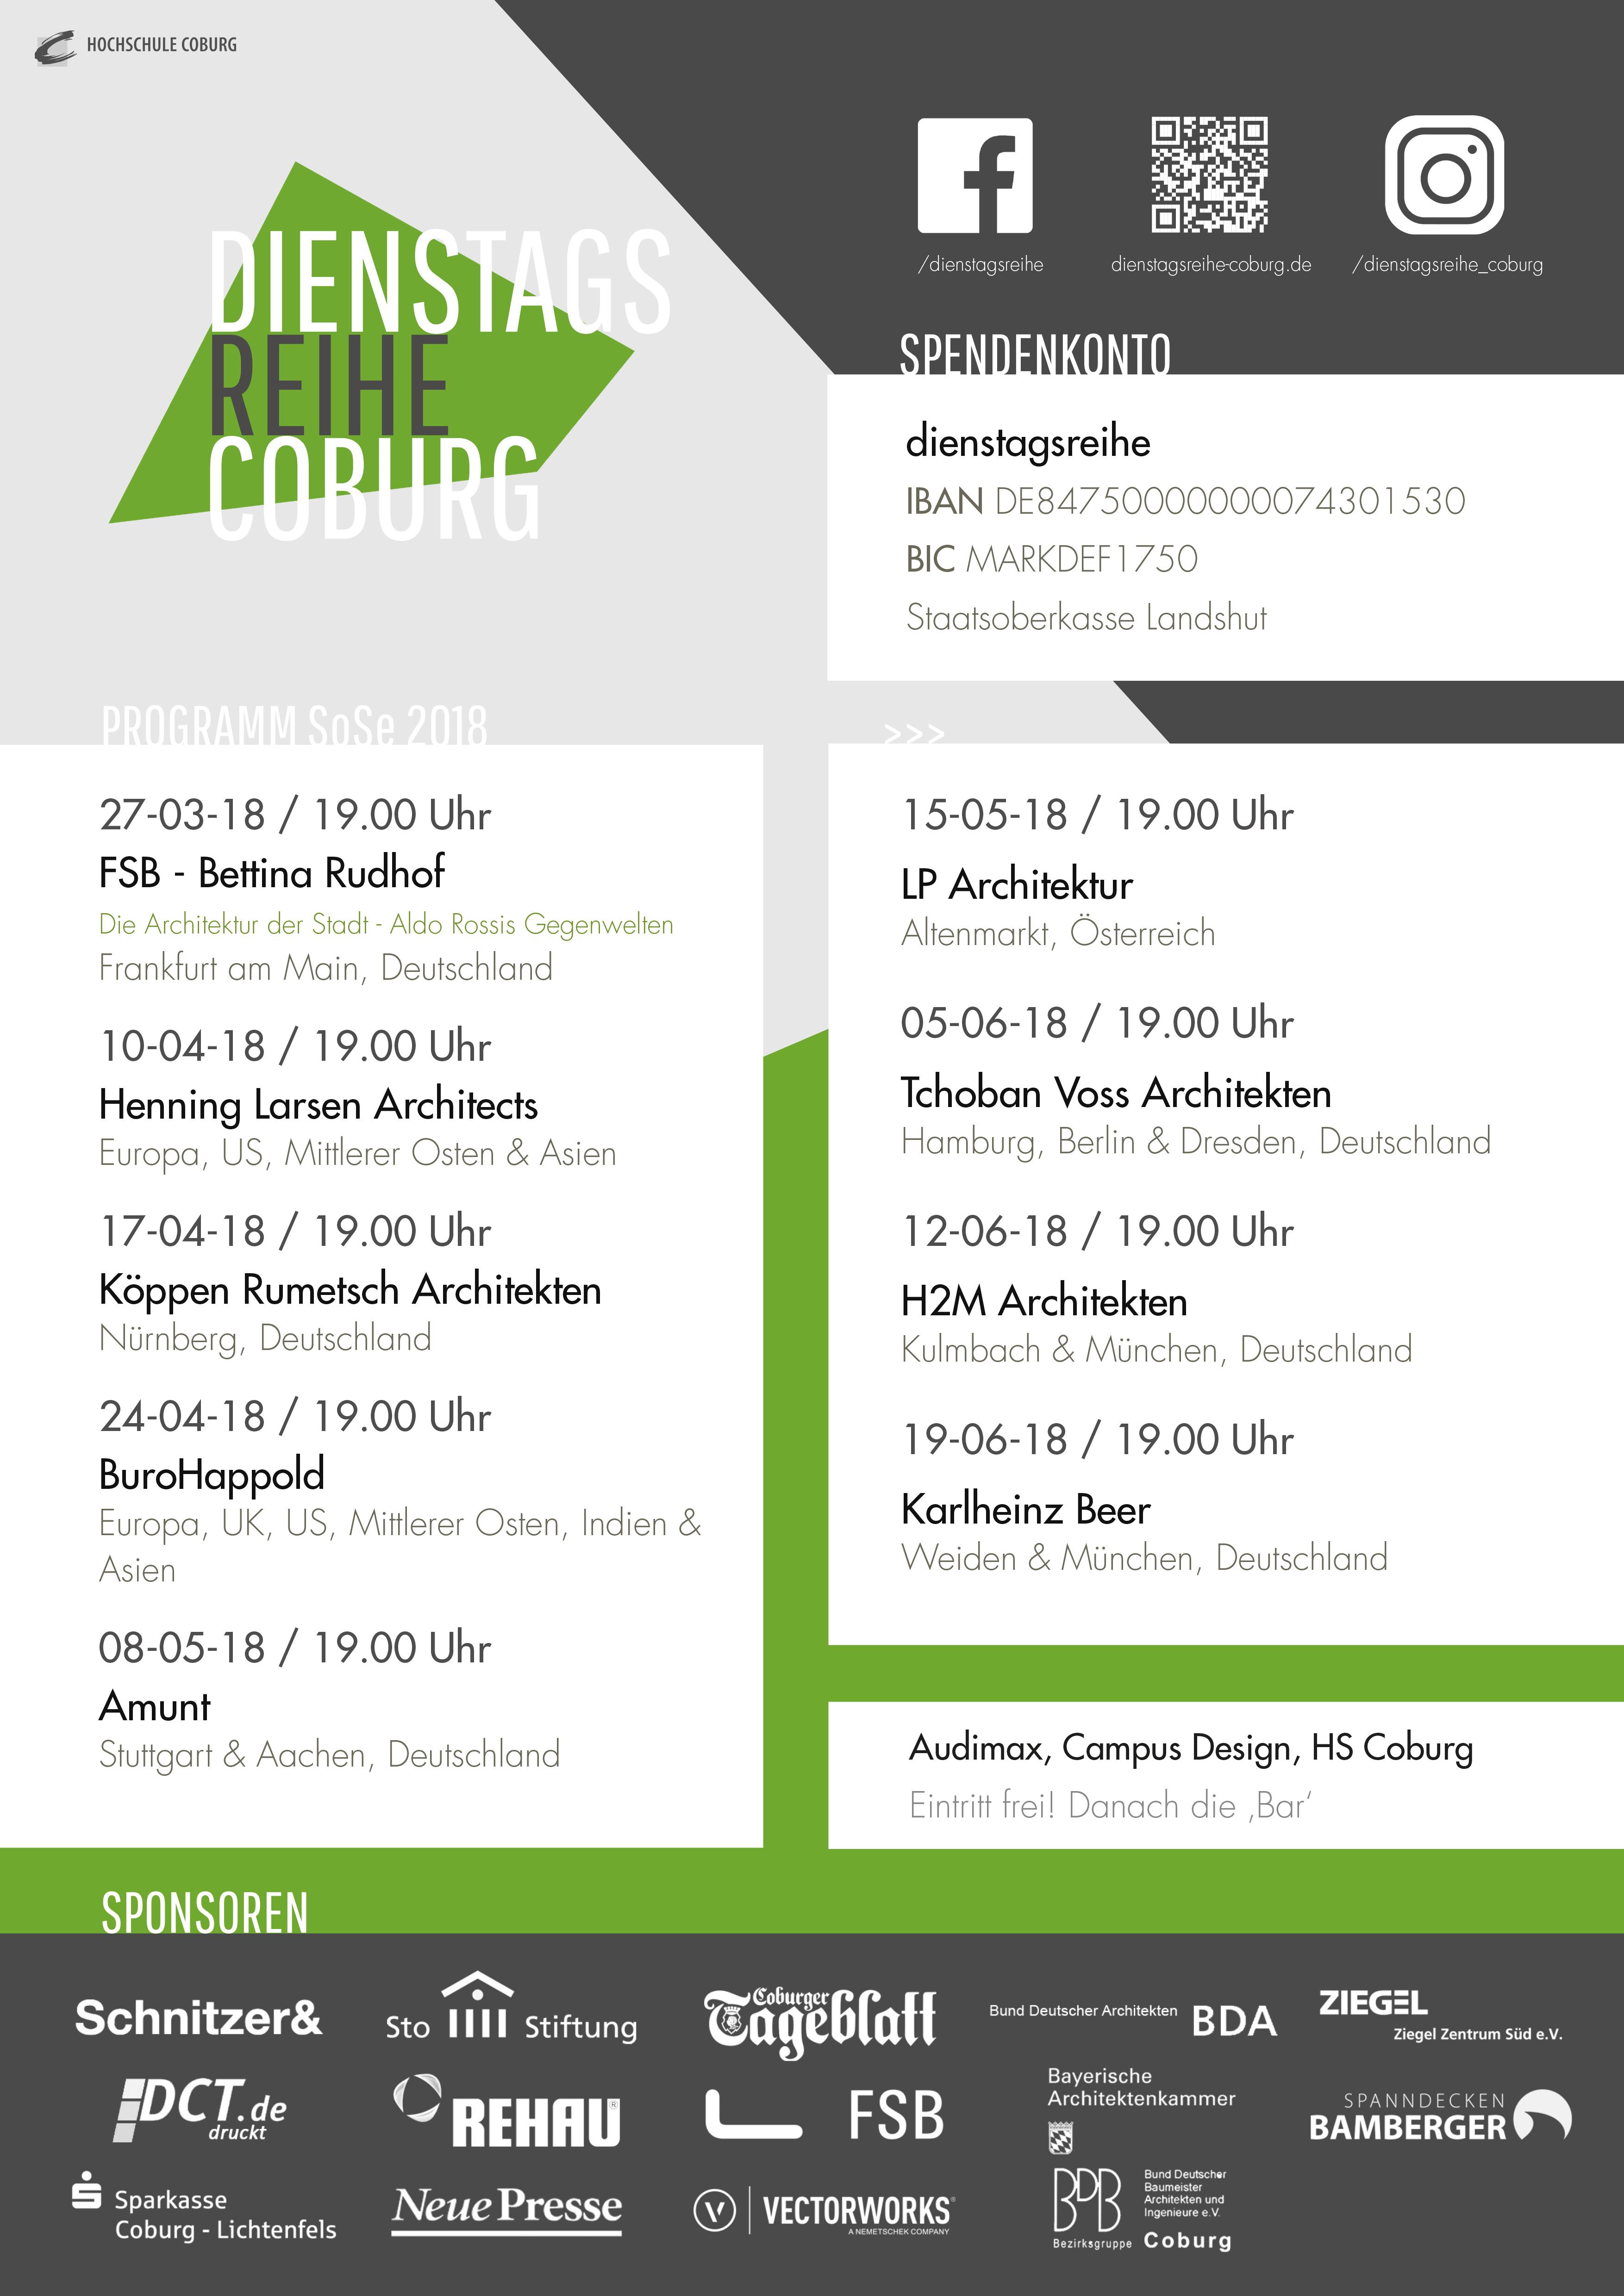 H2m Architekten dienstagsreihe mit h2m architekten hochschule coburg schnitzer